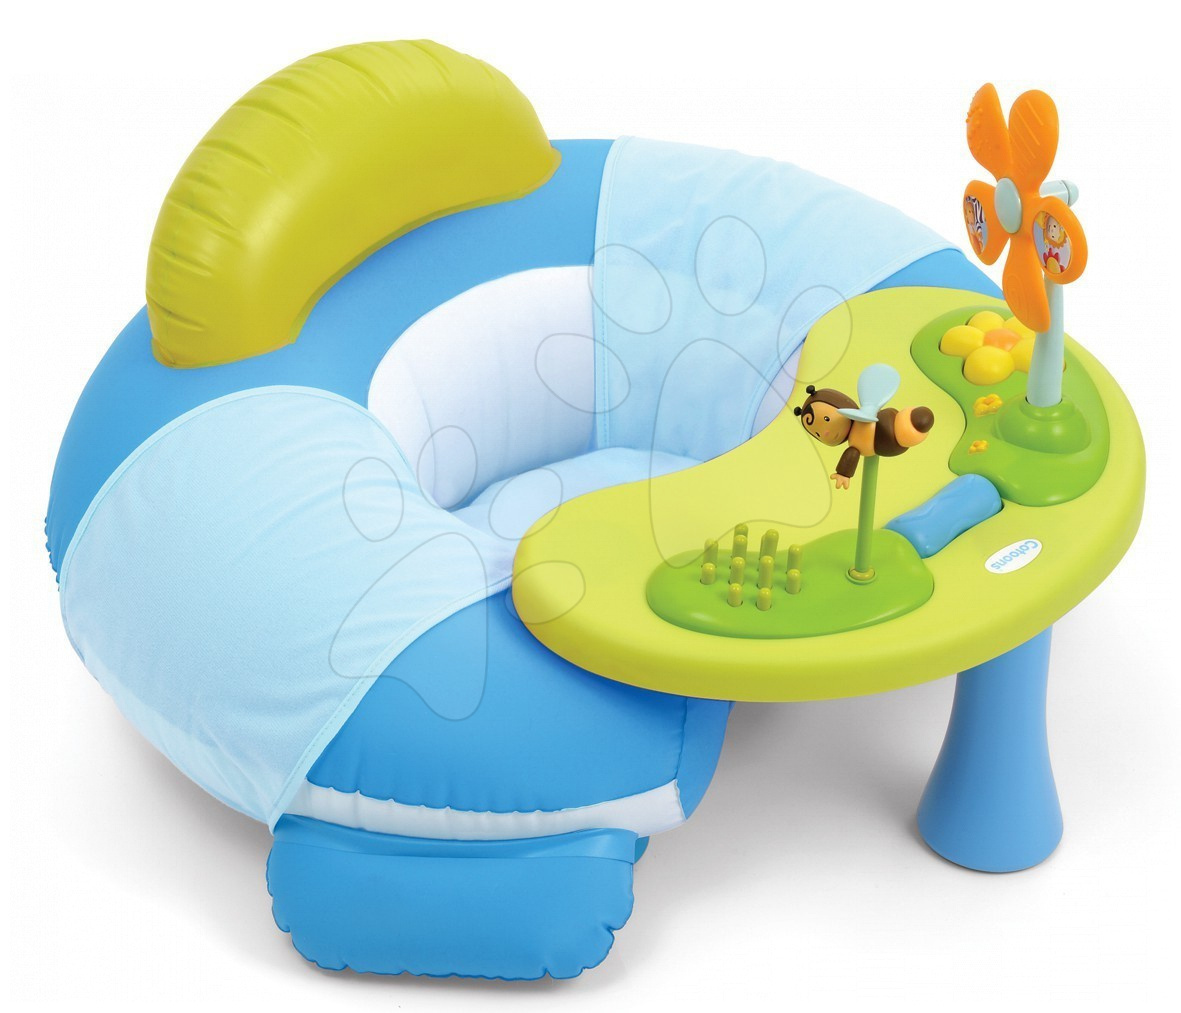 Staré položky - Sedátko so stolíkom Cotoons Cosy Seat Smoby s didaktickým stolíkom modré od 6 mes